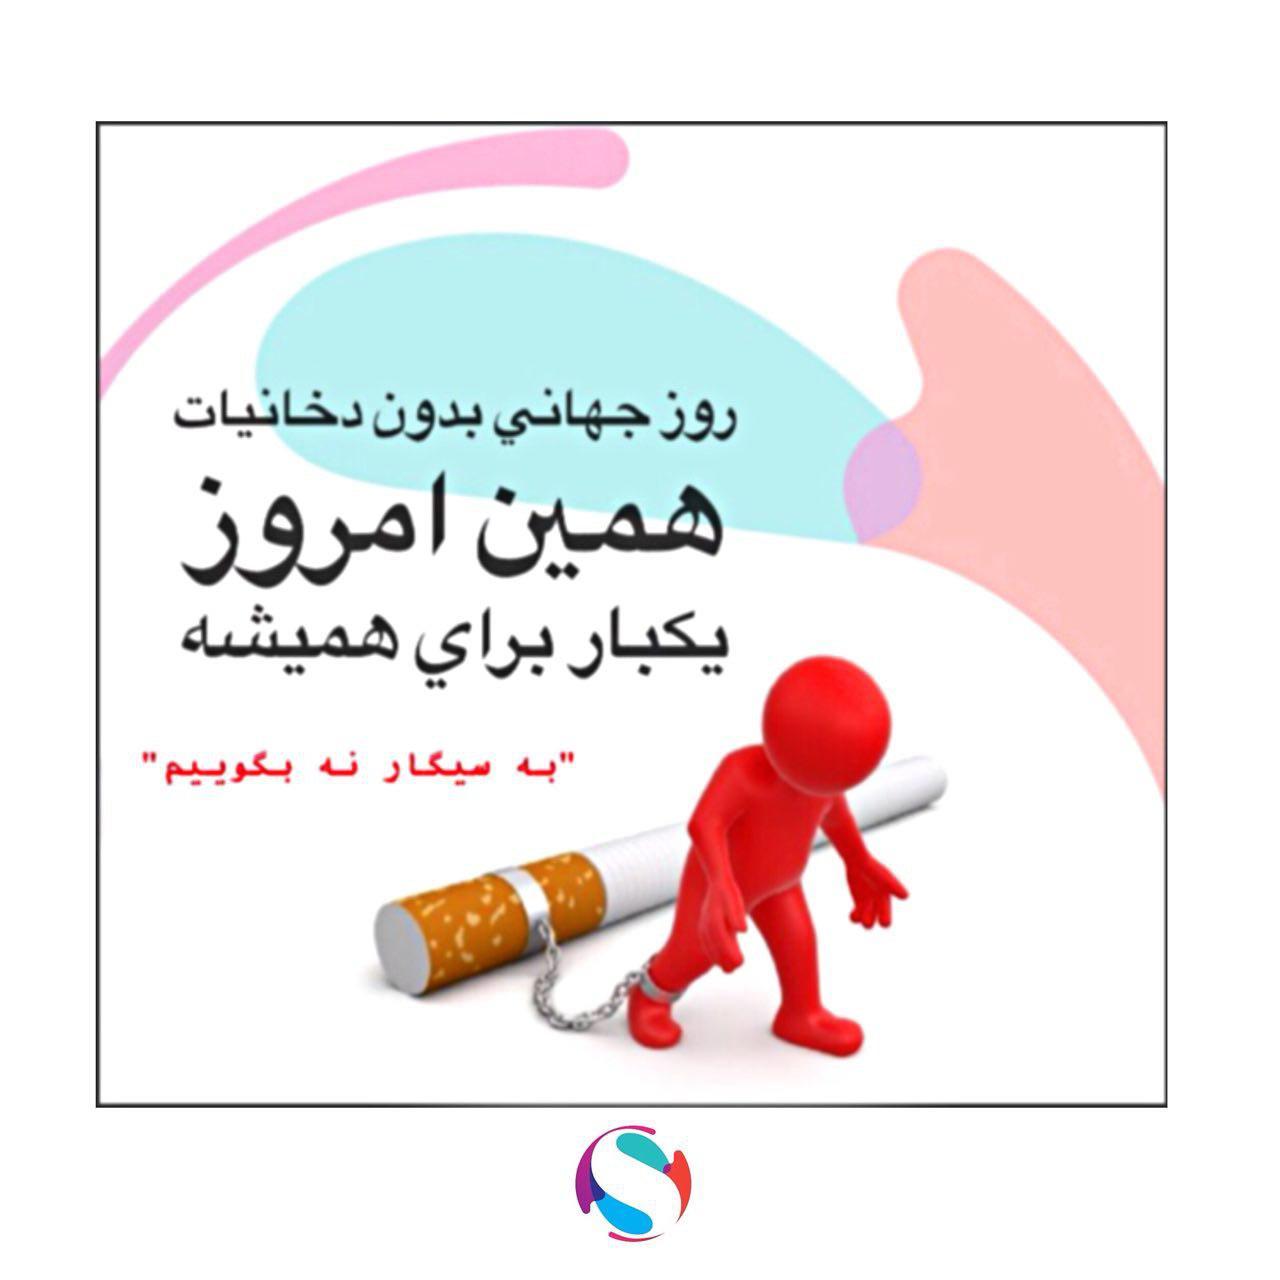 متن روز جهانی بدون دخانیات